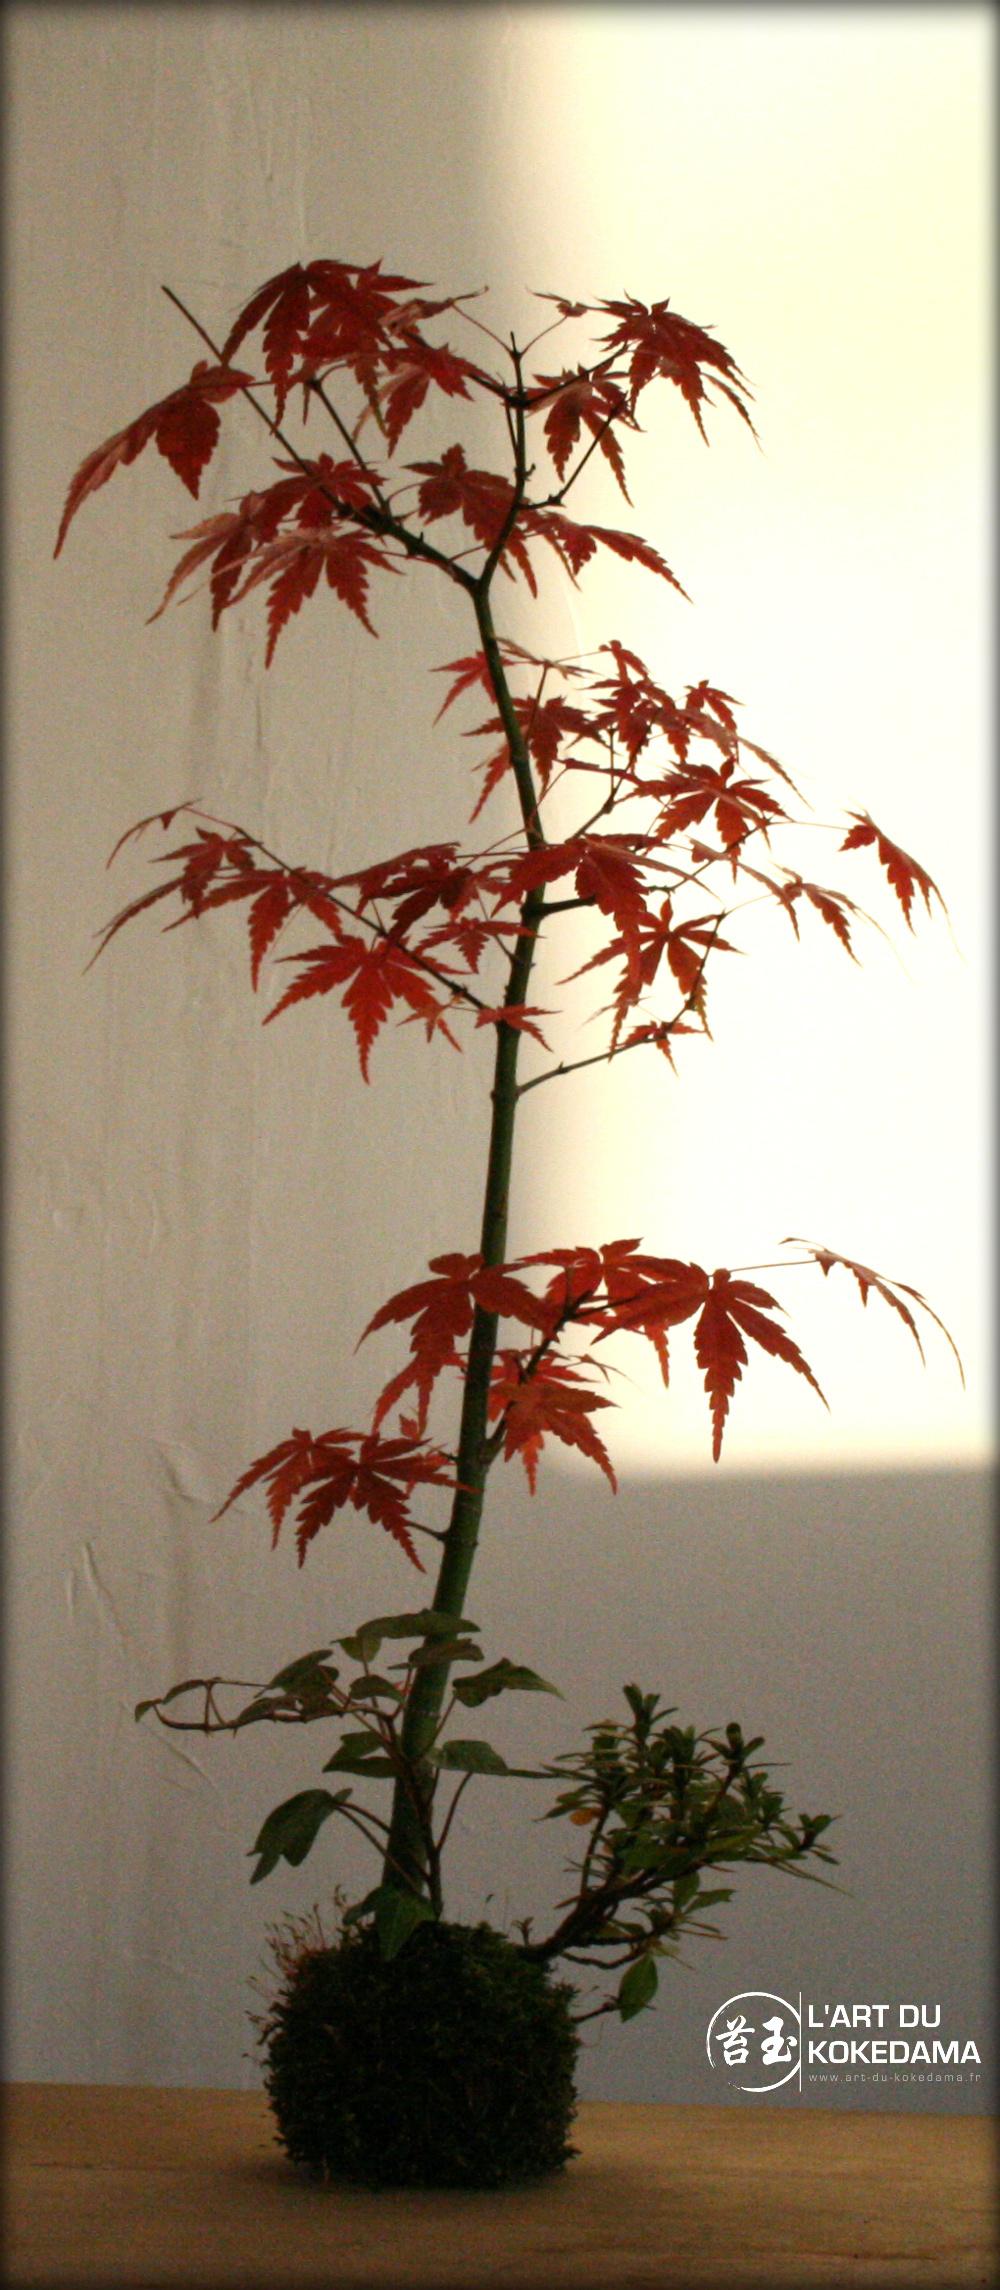 couleurs d 39 automne pour un kokedama d 39 rable palm. Black Bedroom Furniture Sets. Home Design Ideas